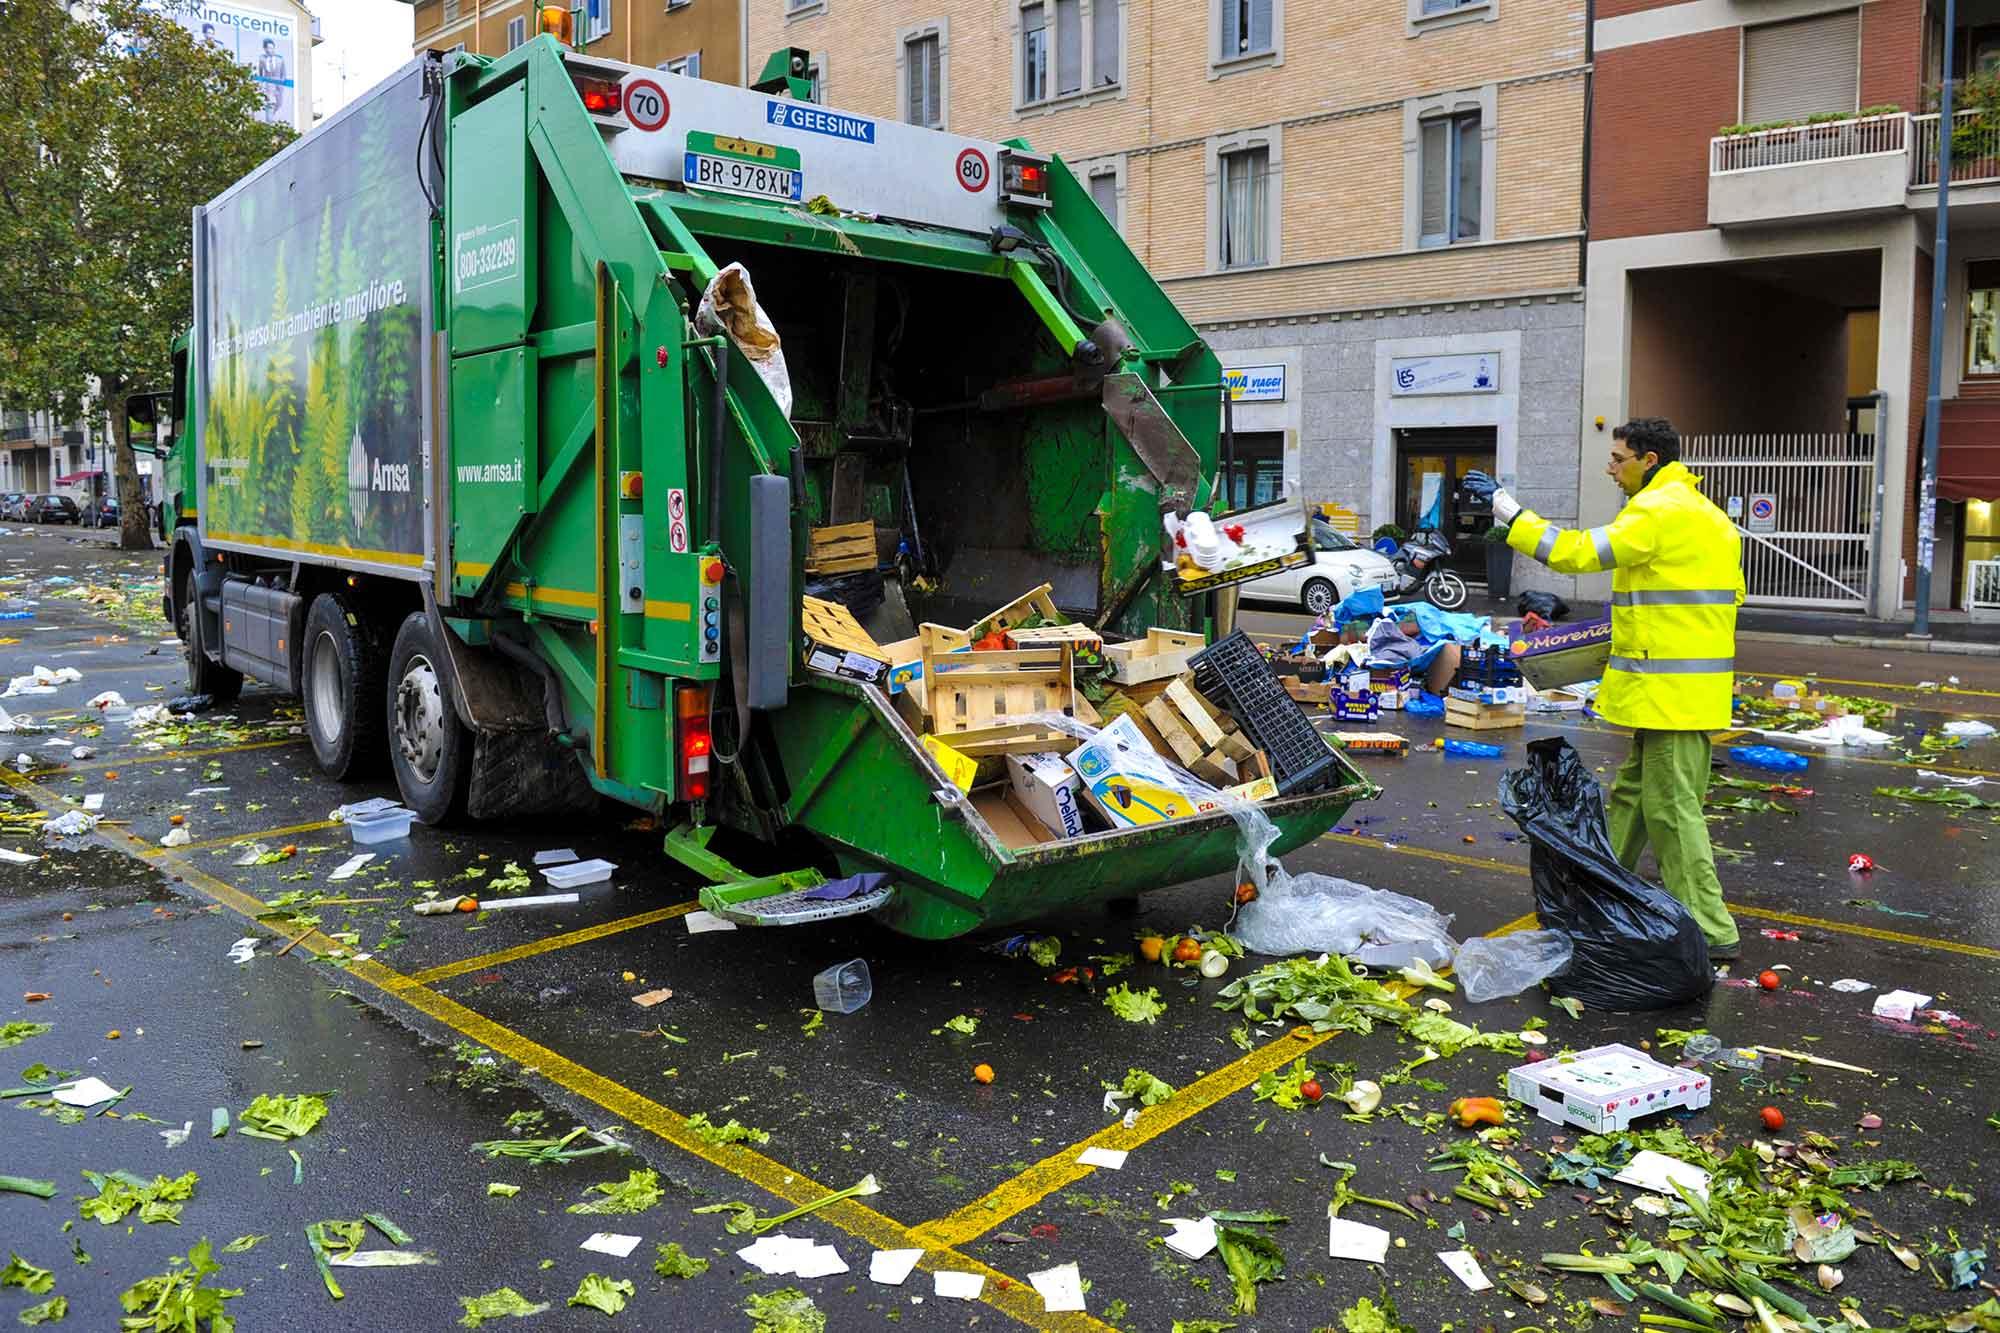 Vuilniswagen in Milaan na markt